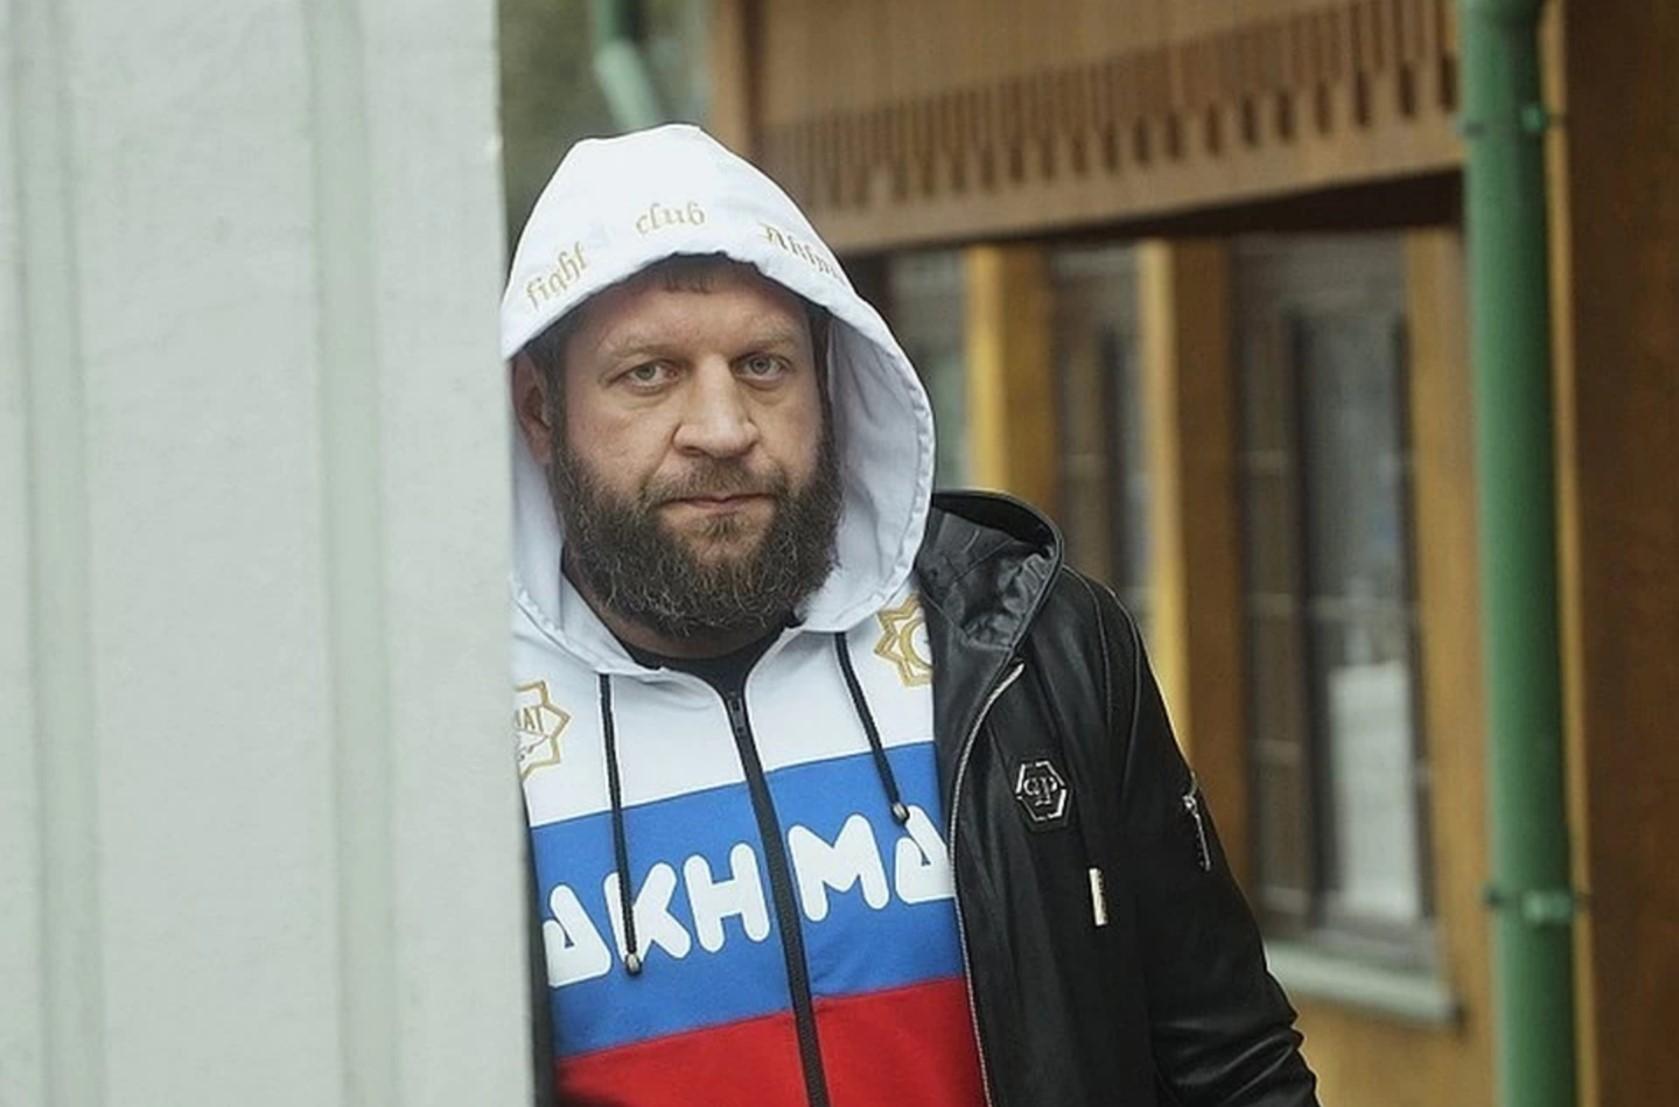 Александр Емельяненко сел за пьяный дебош